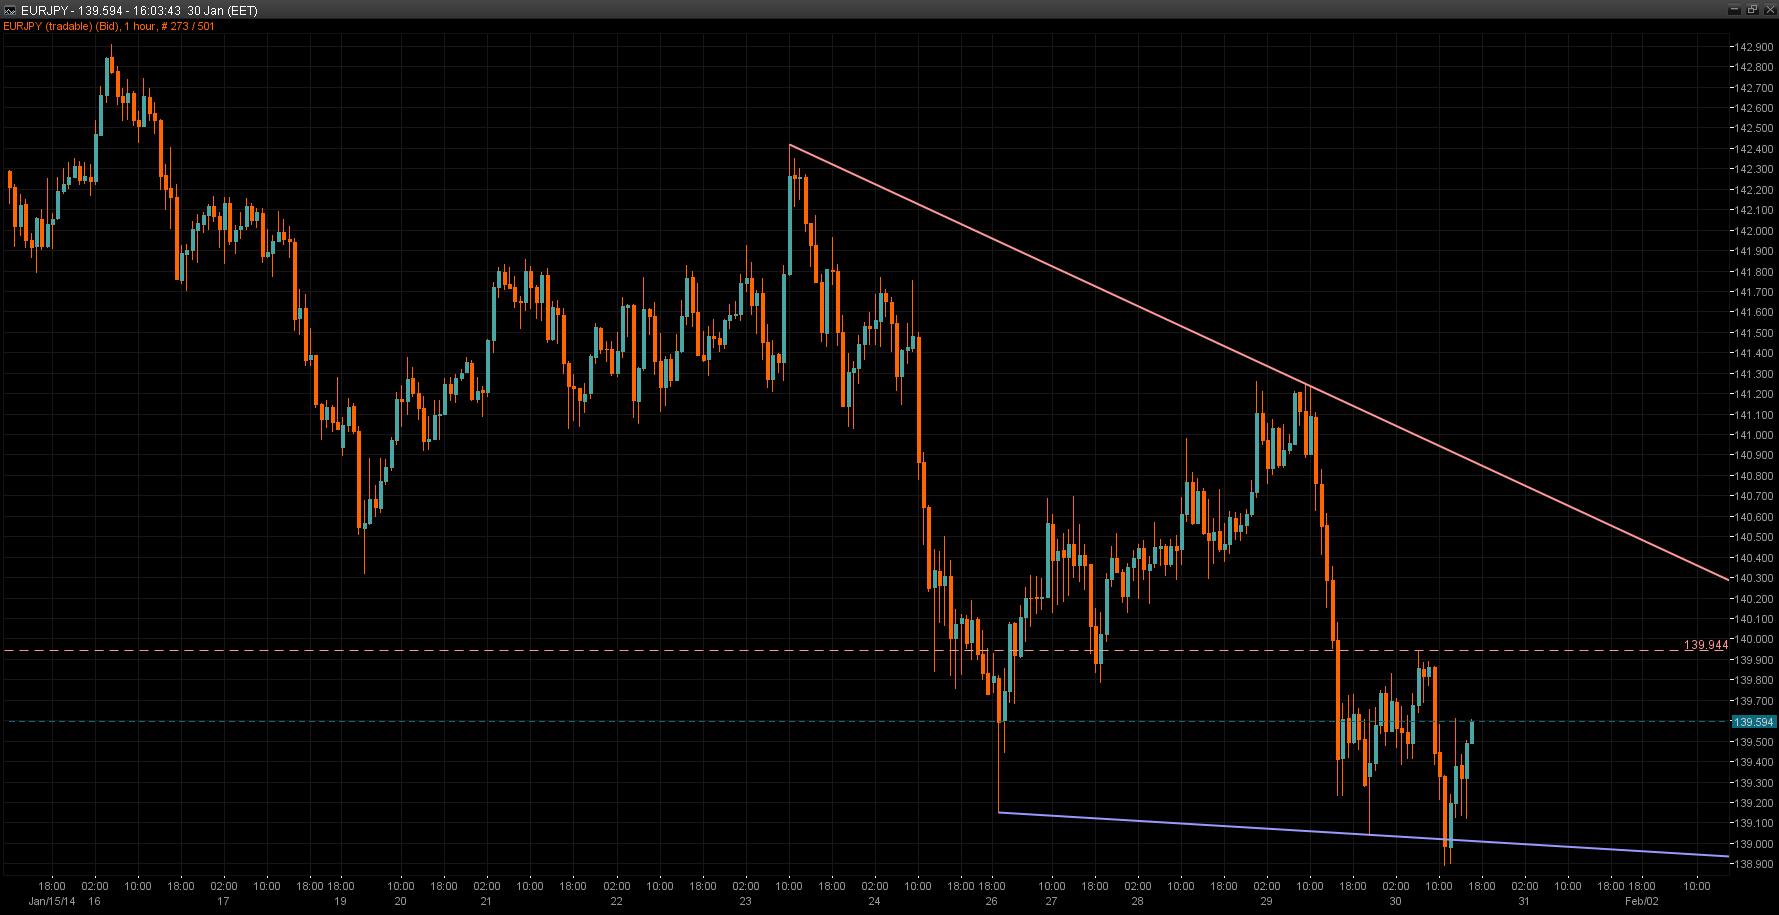 EUR/JPY Chart 30 Jan 2014